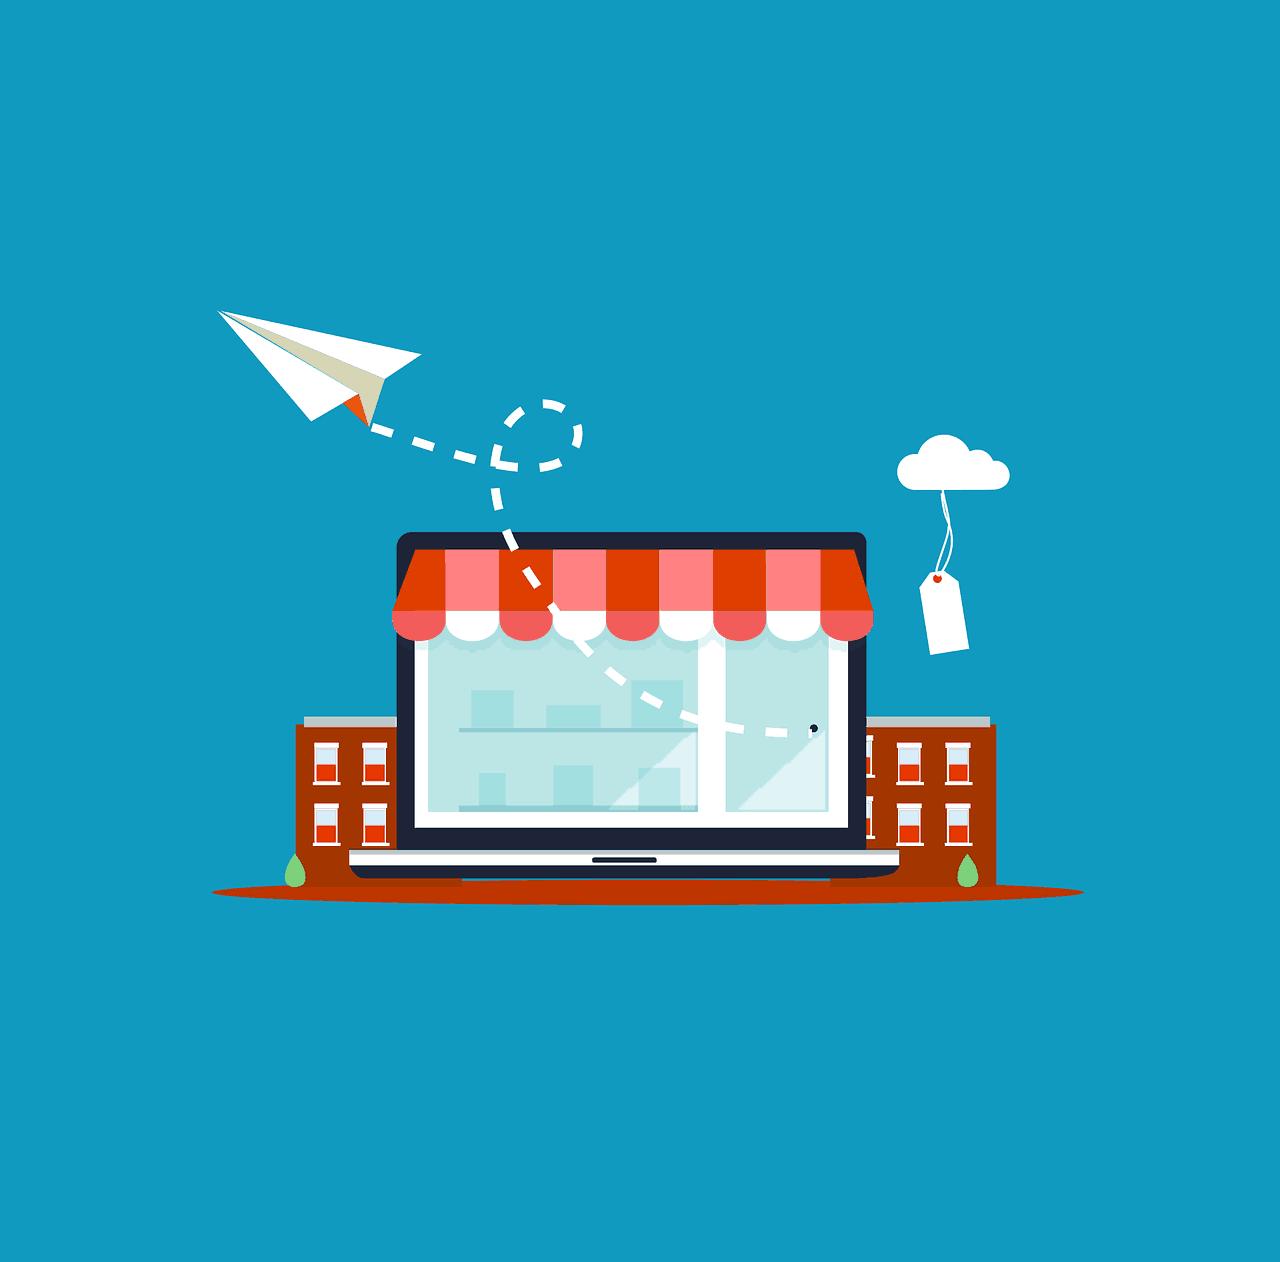 Website for E-commerce businesses